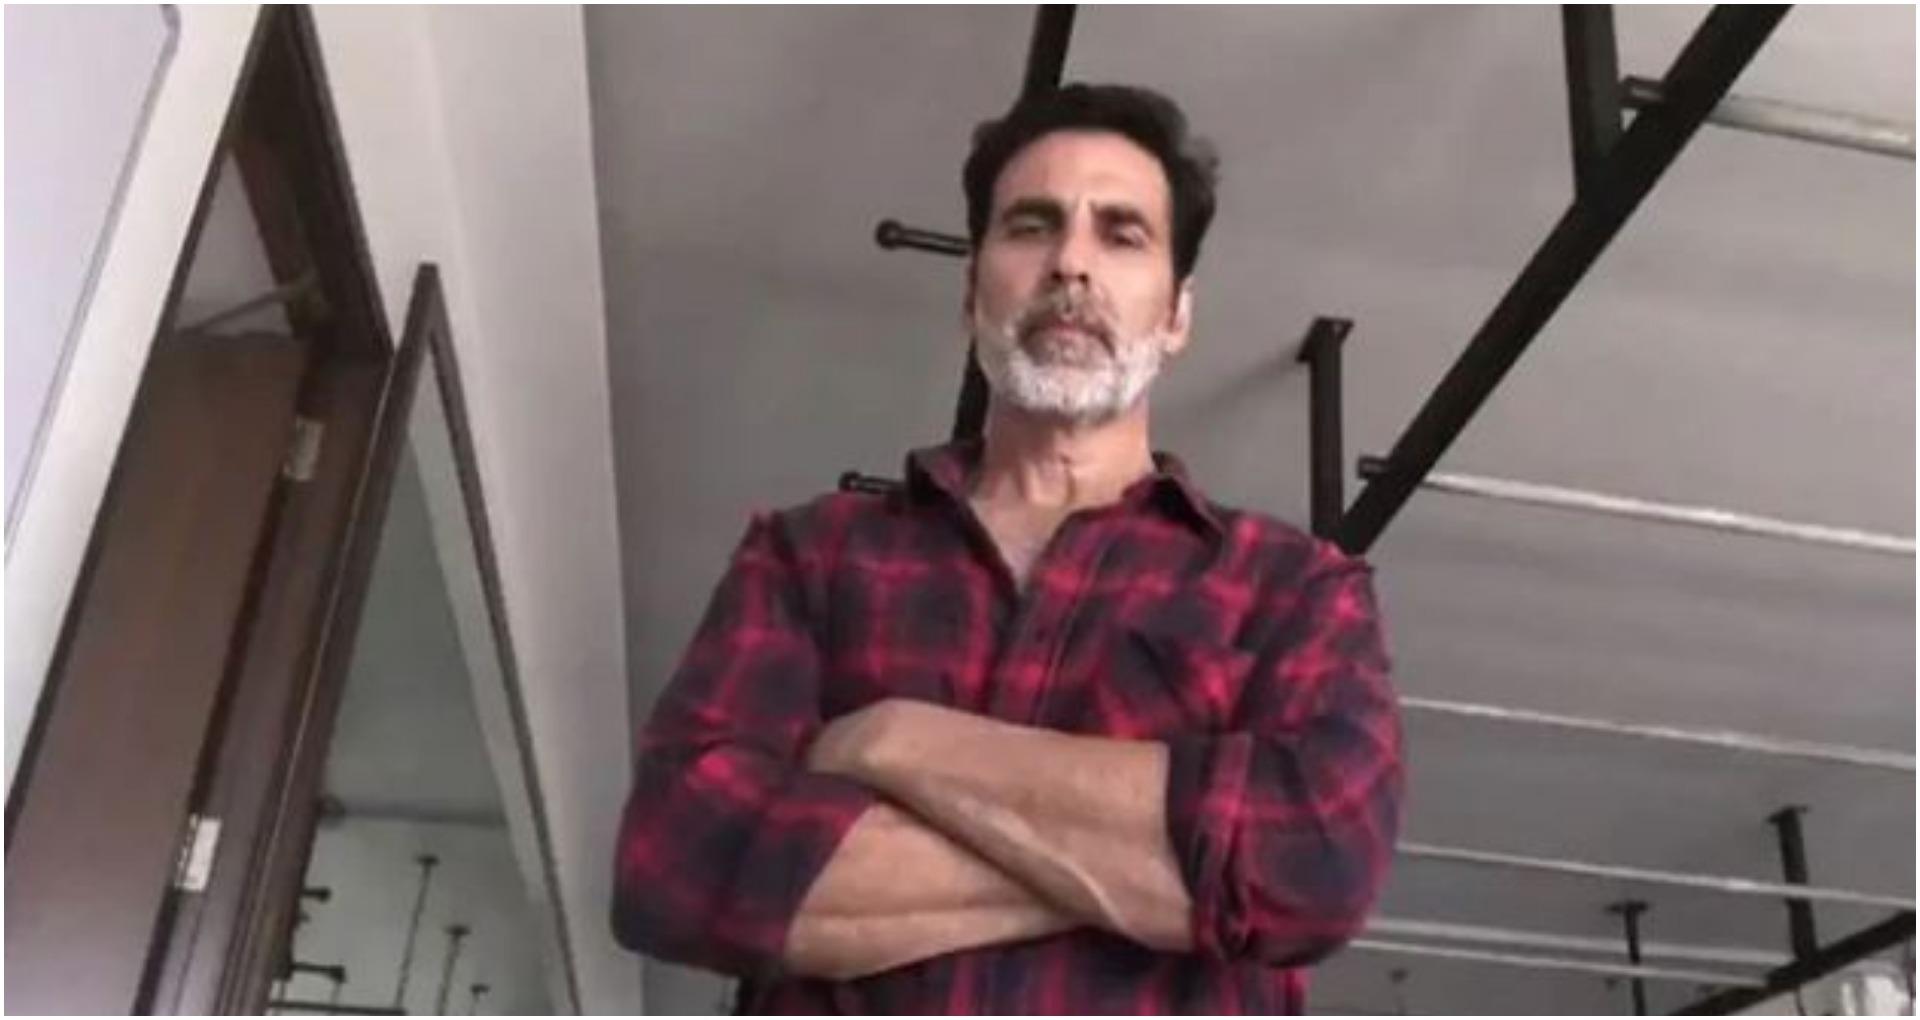 Lockdown में घर से बाहर निकलने वाले लोगों पर आया अक्षय कुमार को गुस्सा, Video शेयर कर दी सलाह